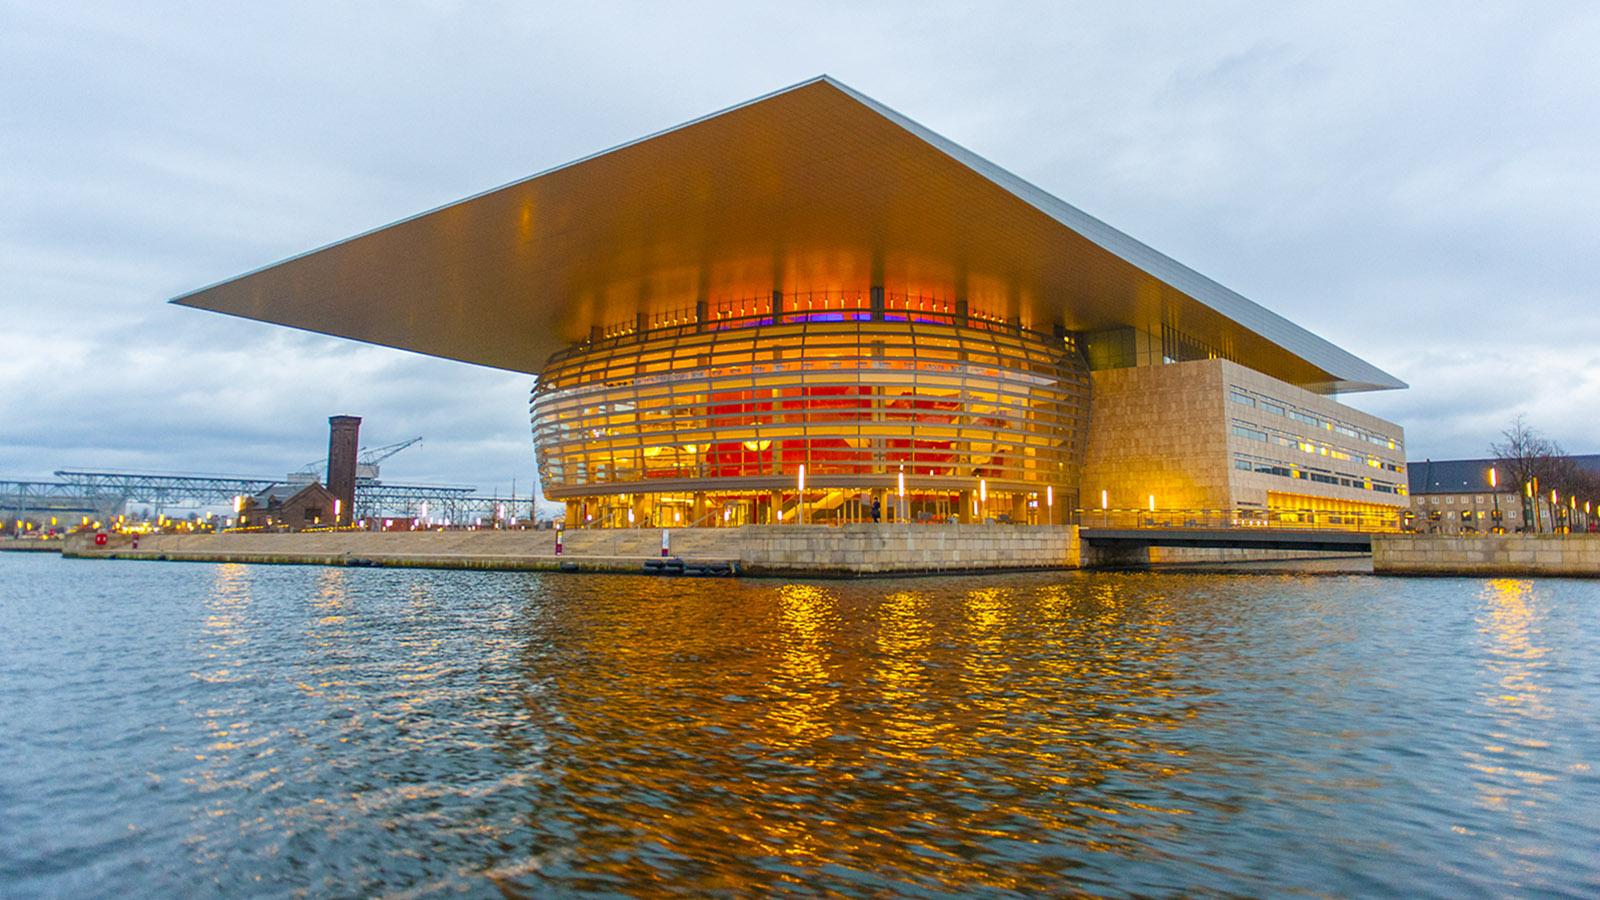 ie Oper von Kopenhagen am Hafen. Foto: Hilke Maunder